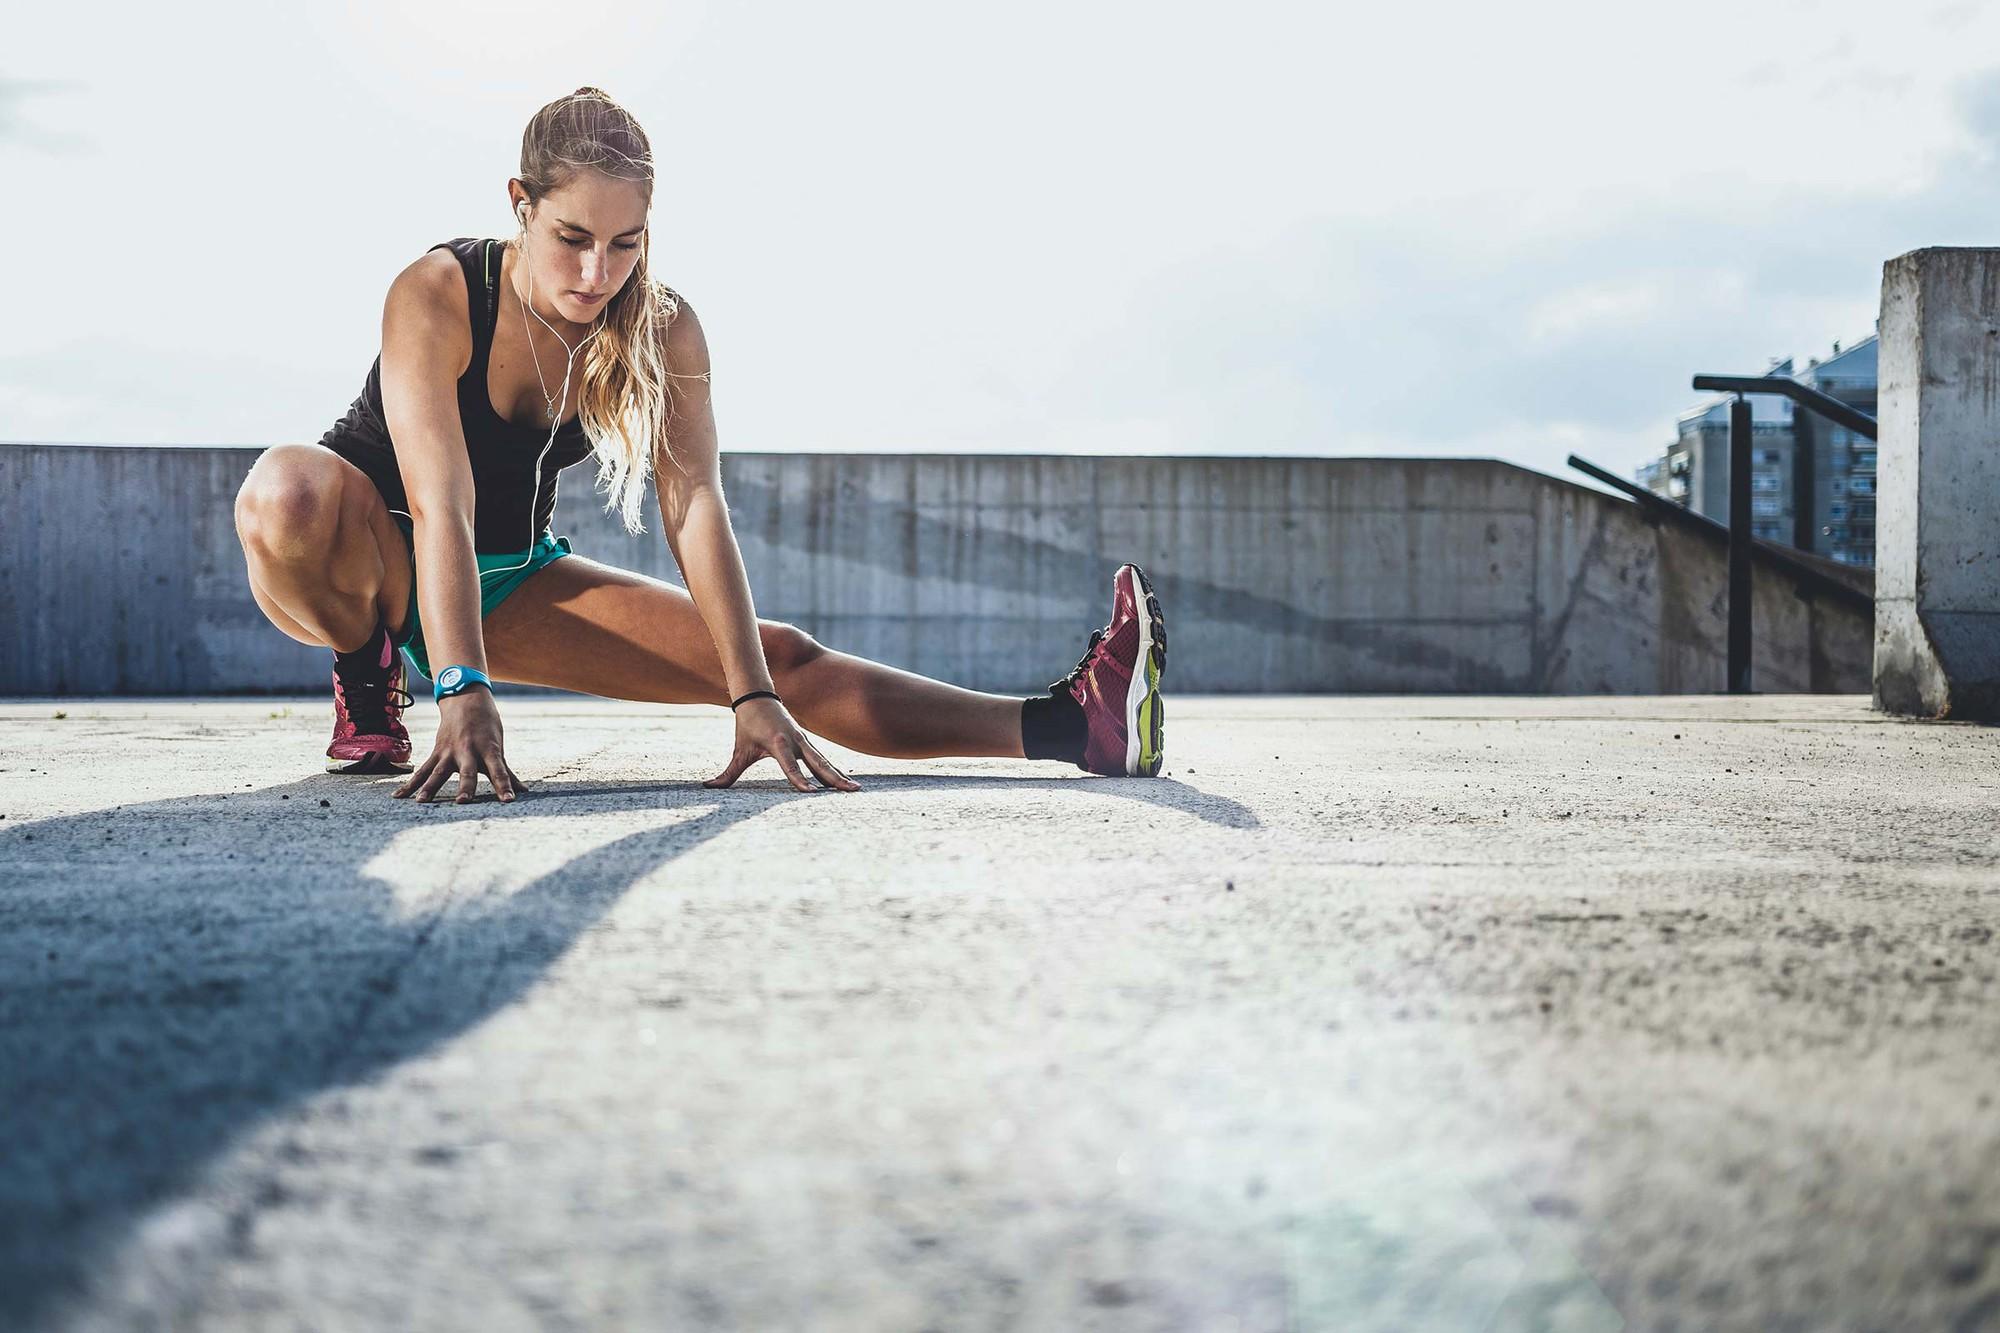 Thực hiện những hành động dưới đây sau khi tập luyện, bạn đang hủy hoại thành quả của mình - Ảnh 2.